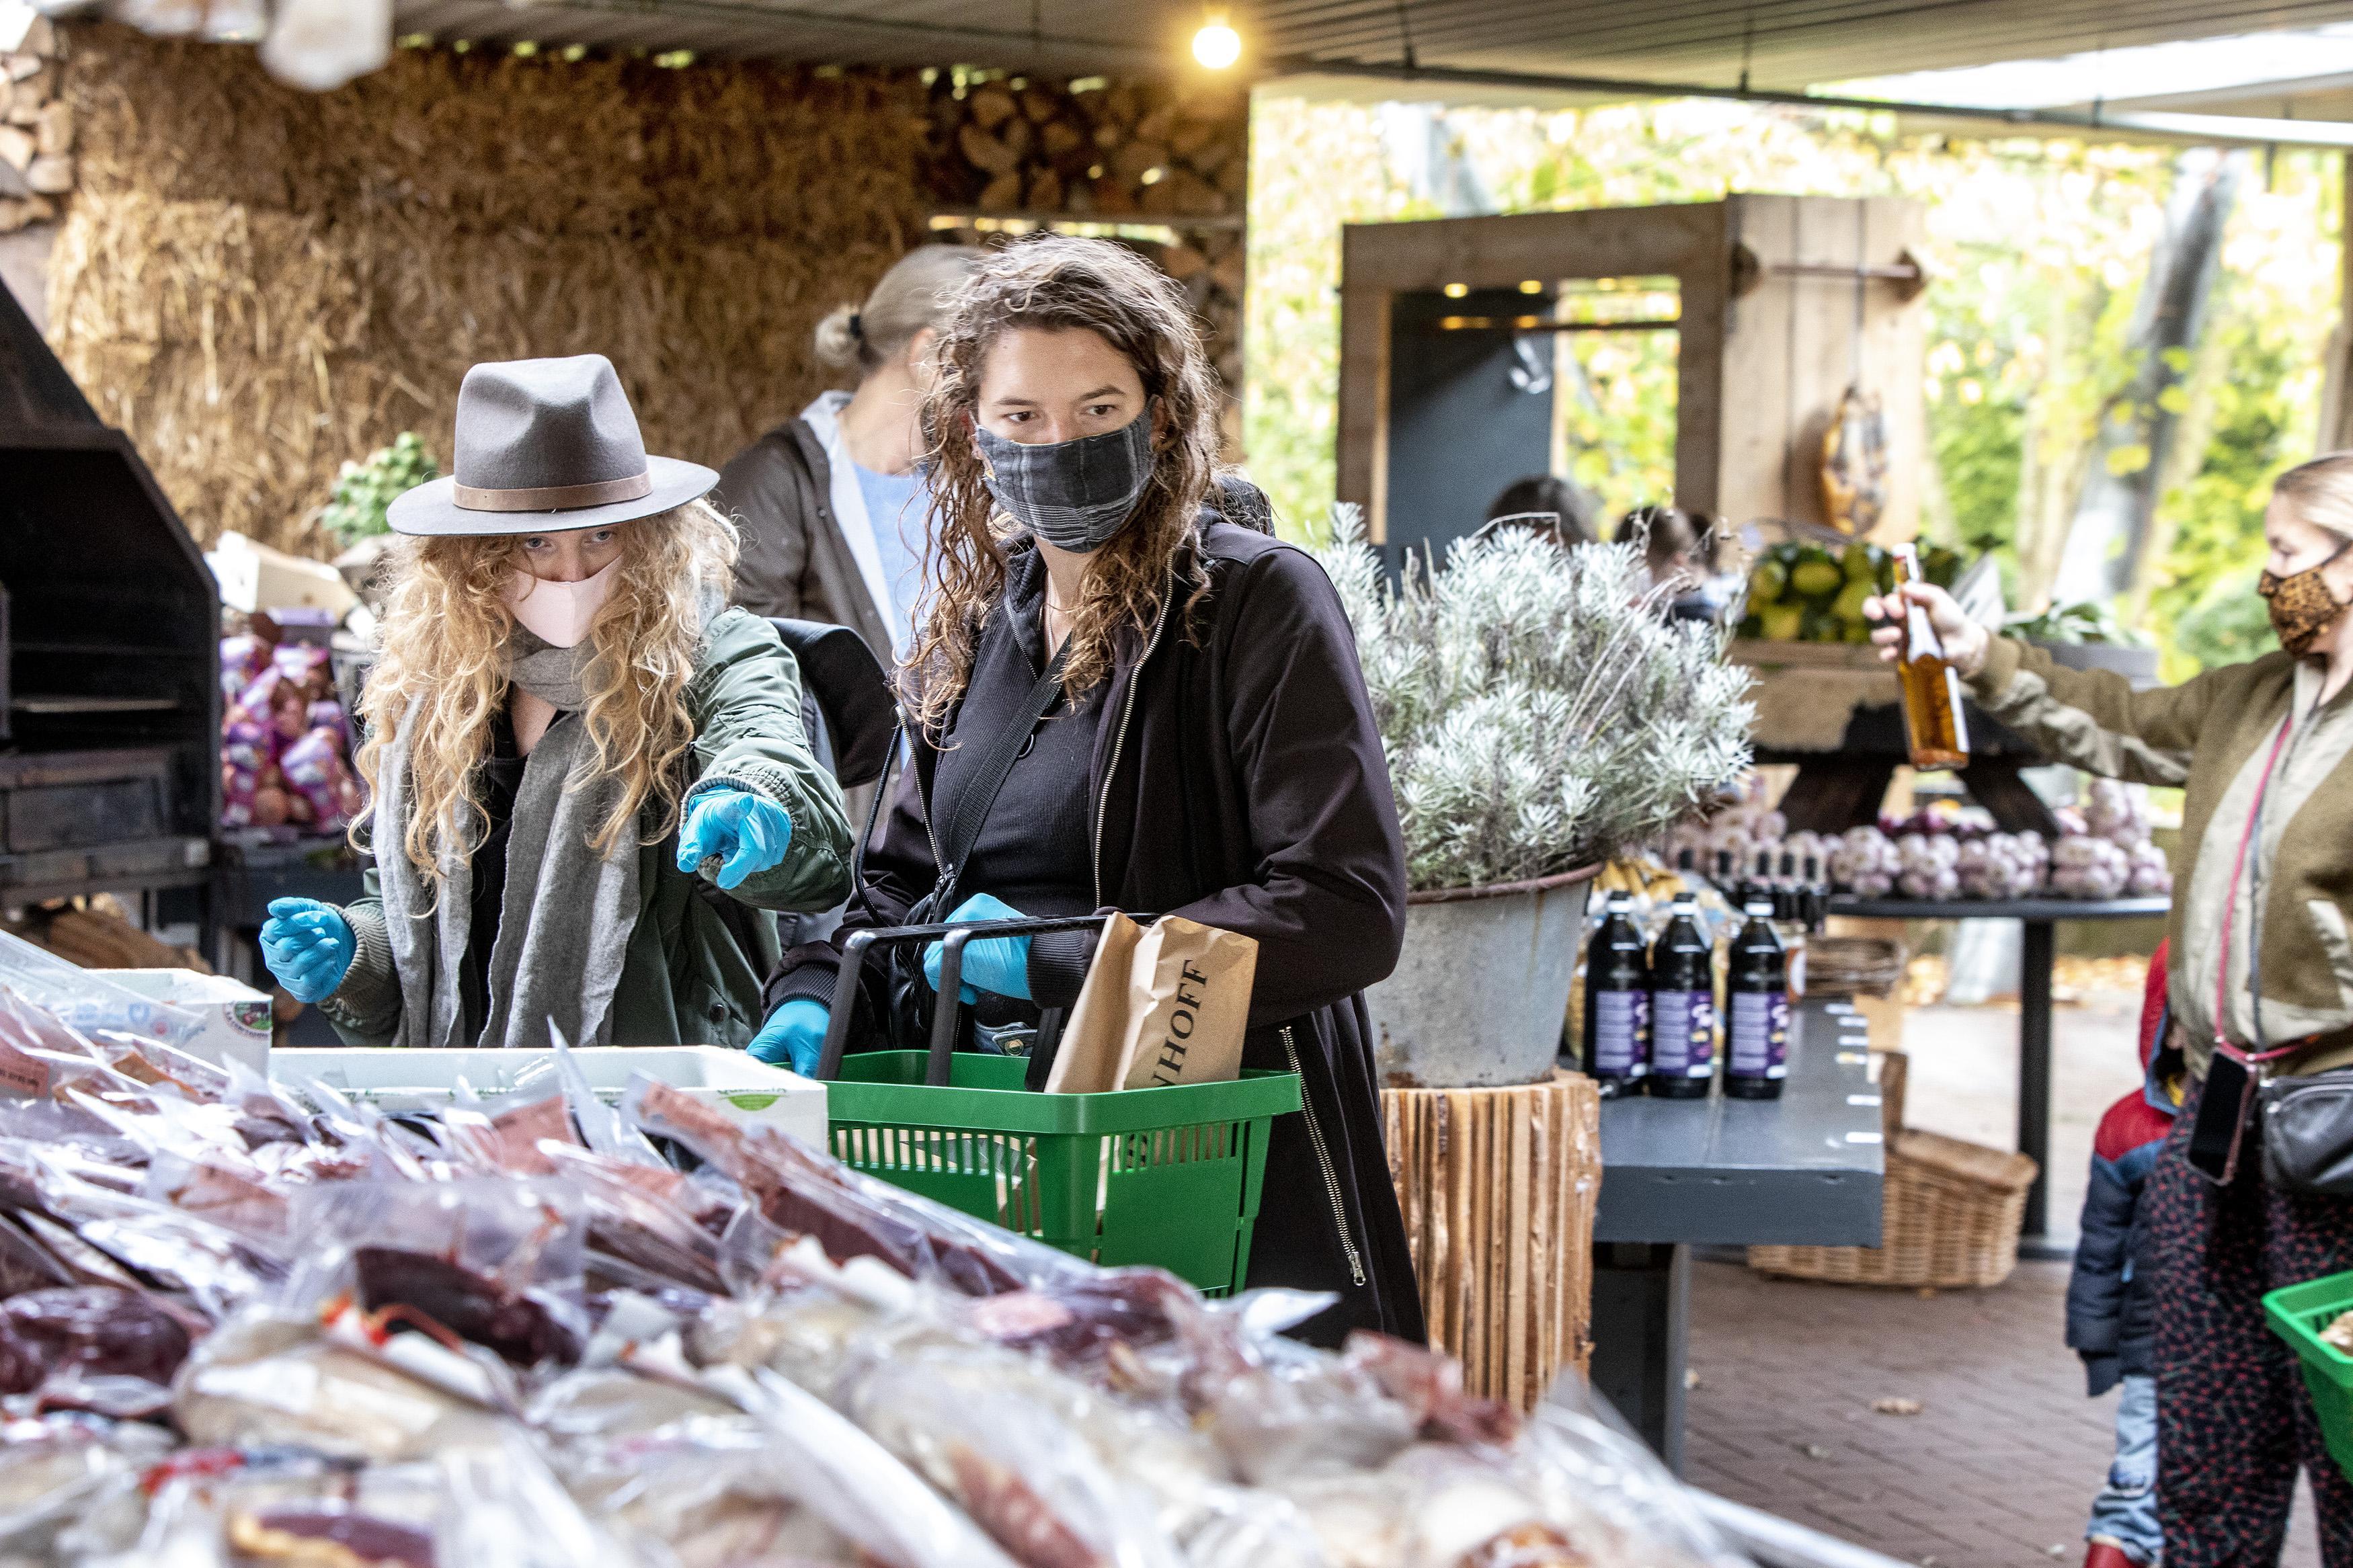 De Plantage in Vogelenzang stampt afhaalwinkel met topproducten uit de grond 'Klanten verbaasd als ze spruitjes aan een stronk zien''